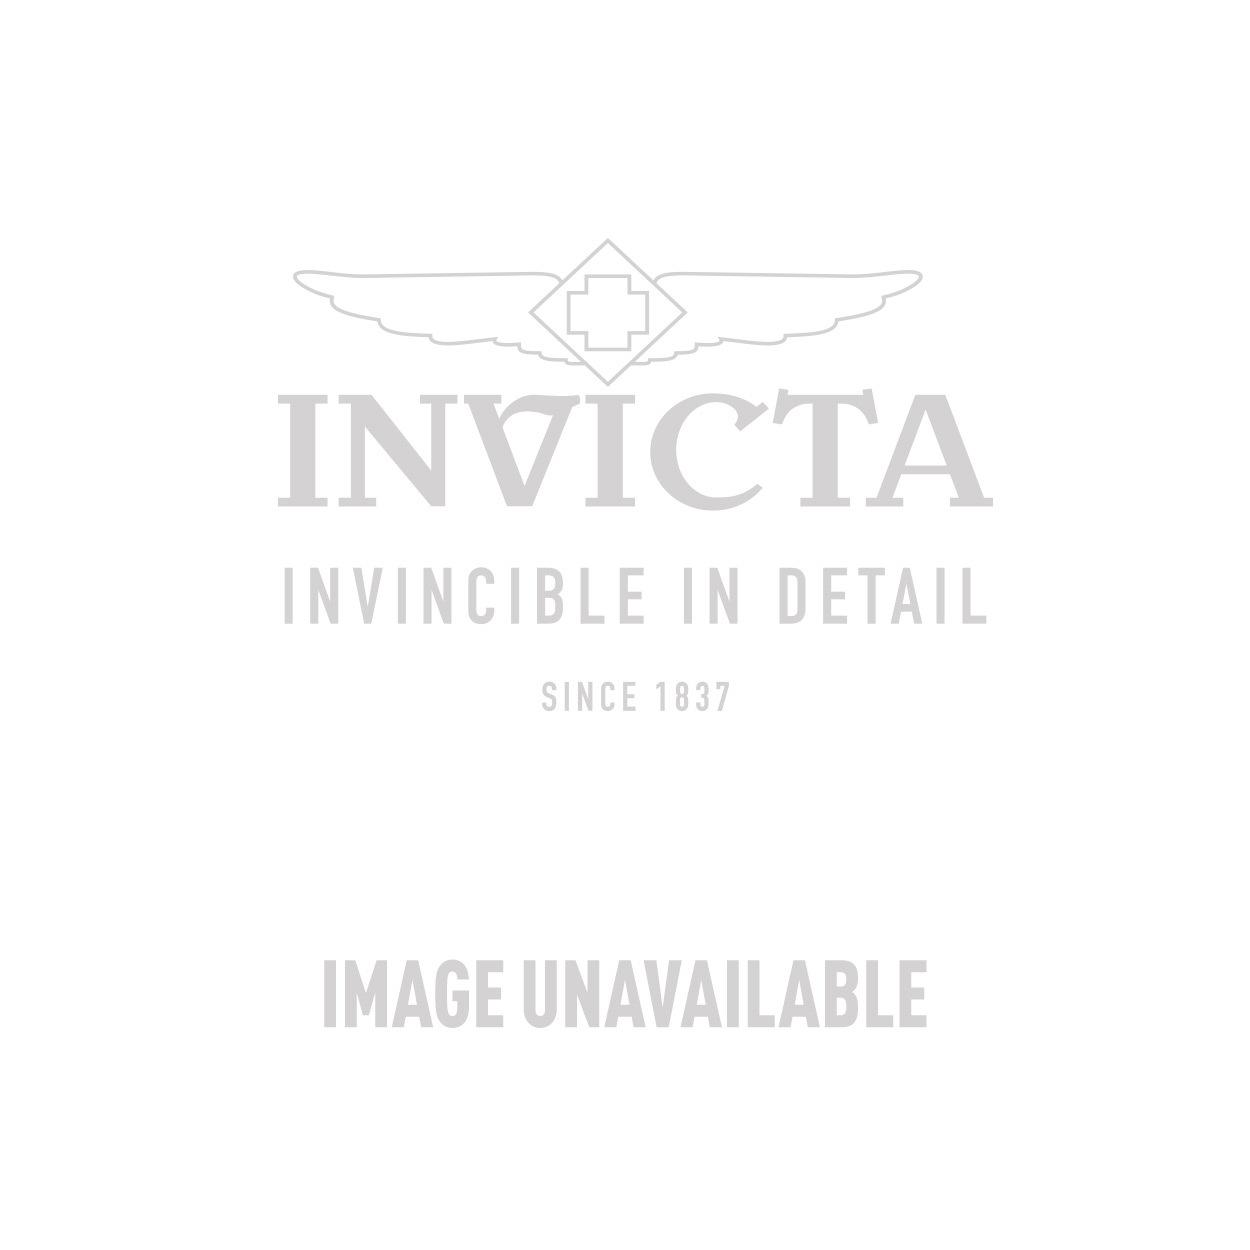 Invicta Model 28225